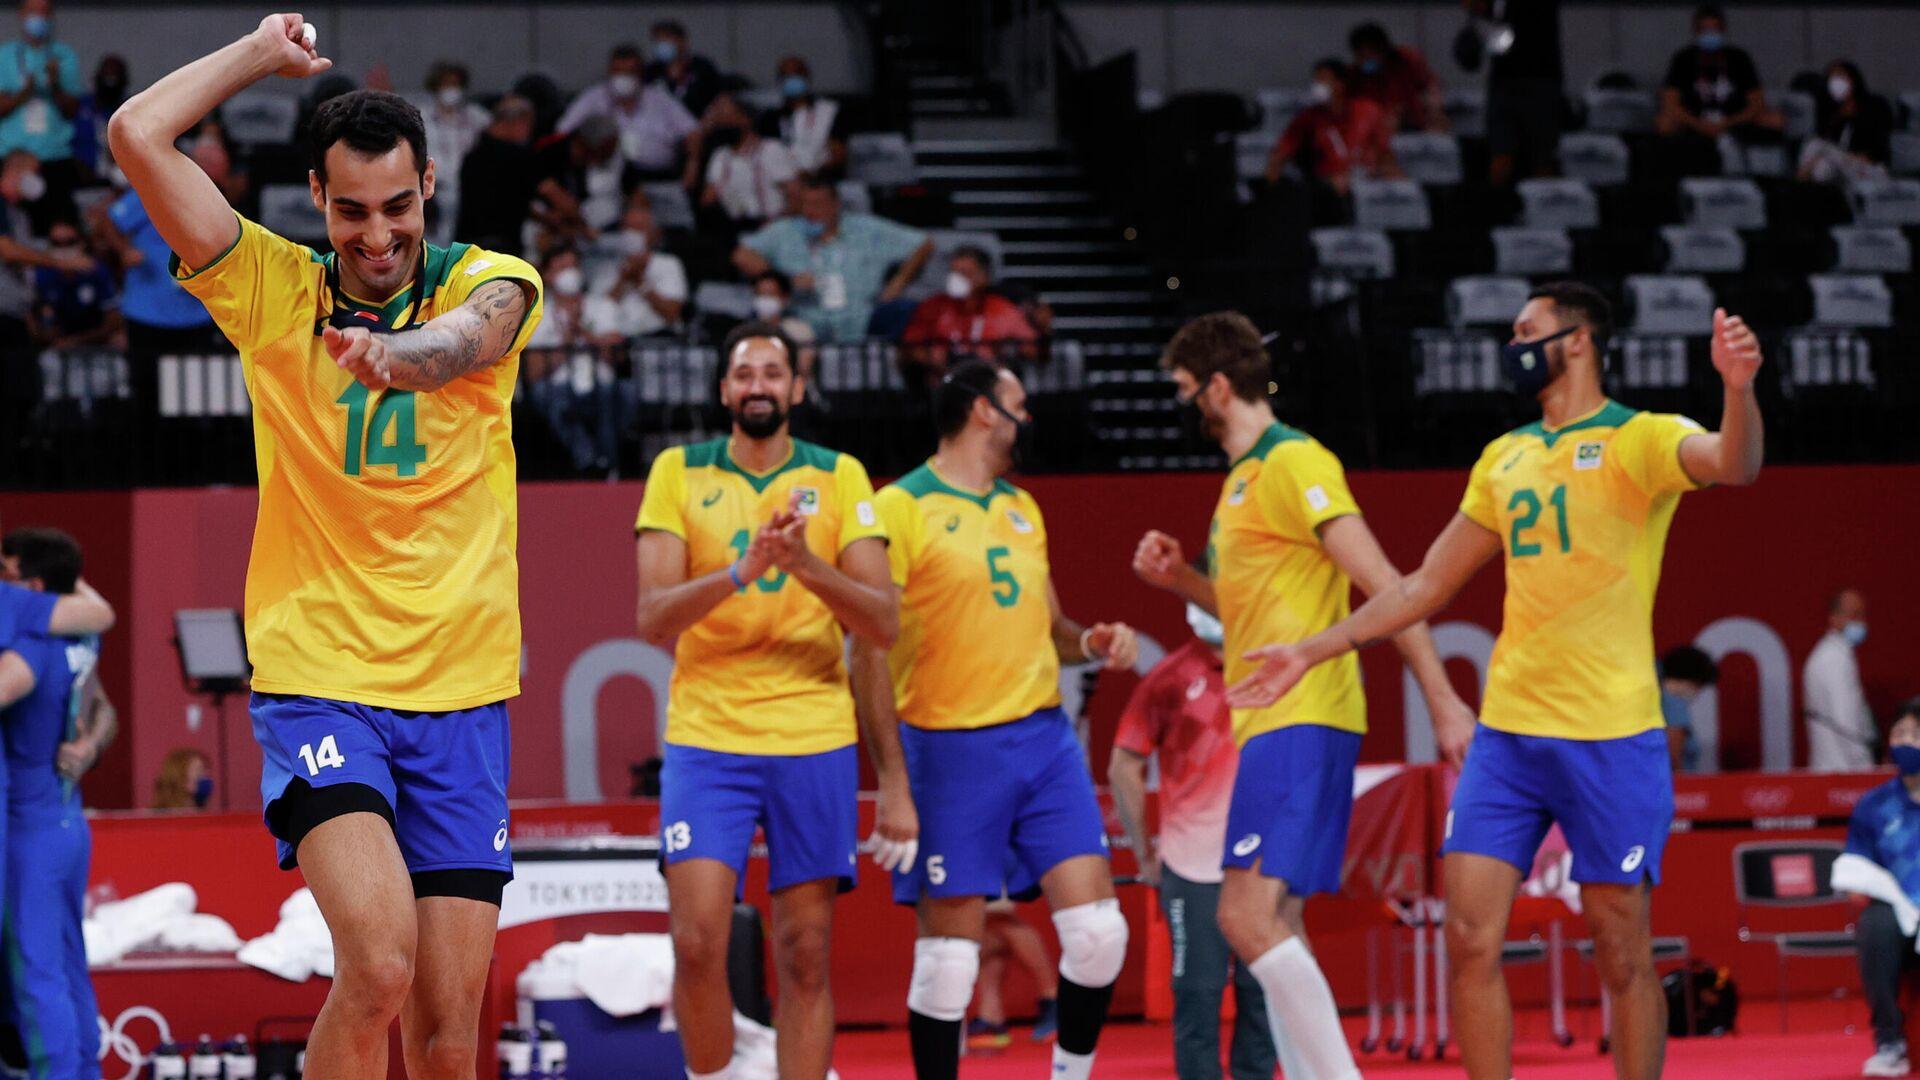 Волейболисты сборной Бразилии - РИА Новости, 1920, 01.08.2021